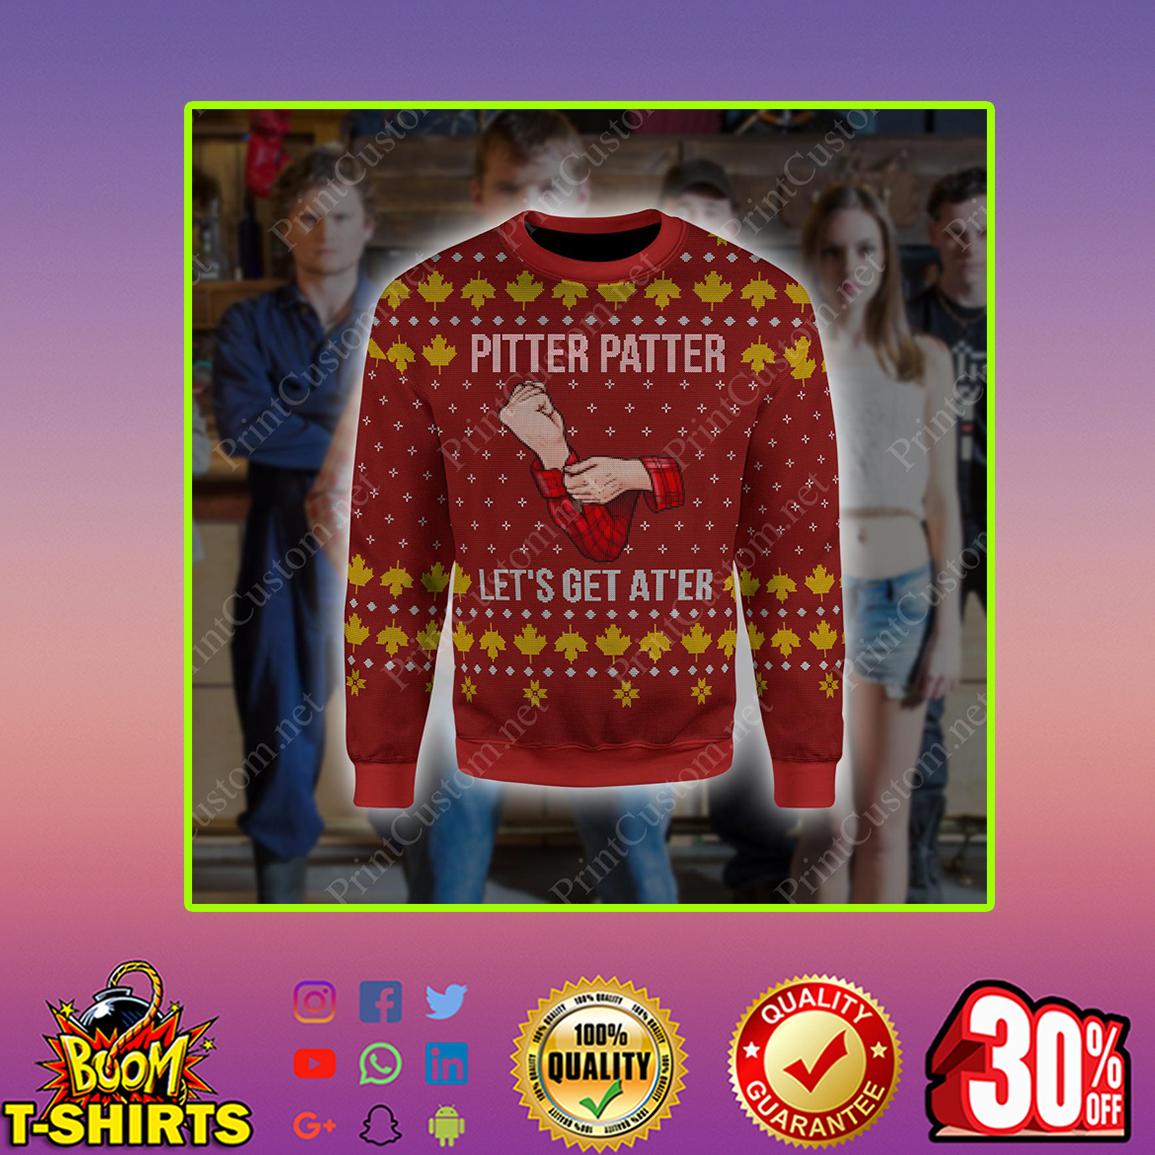 Letterkenny Pitter Patter Christmas Sweatshirt 3D Overprint